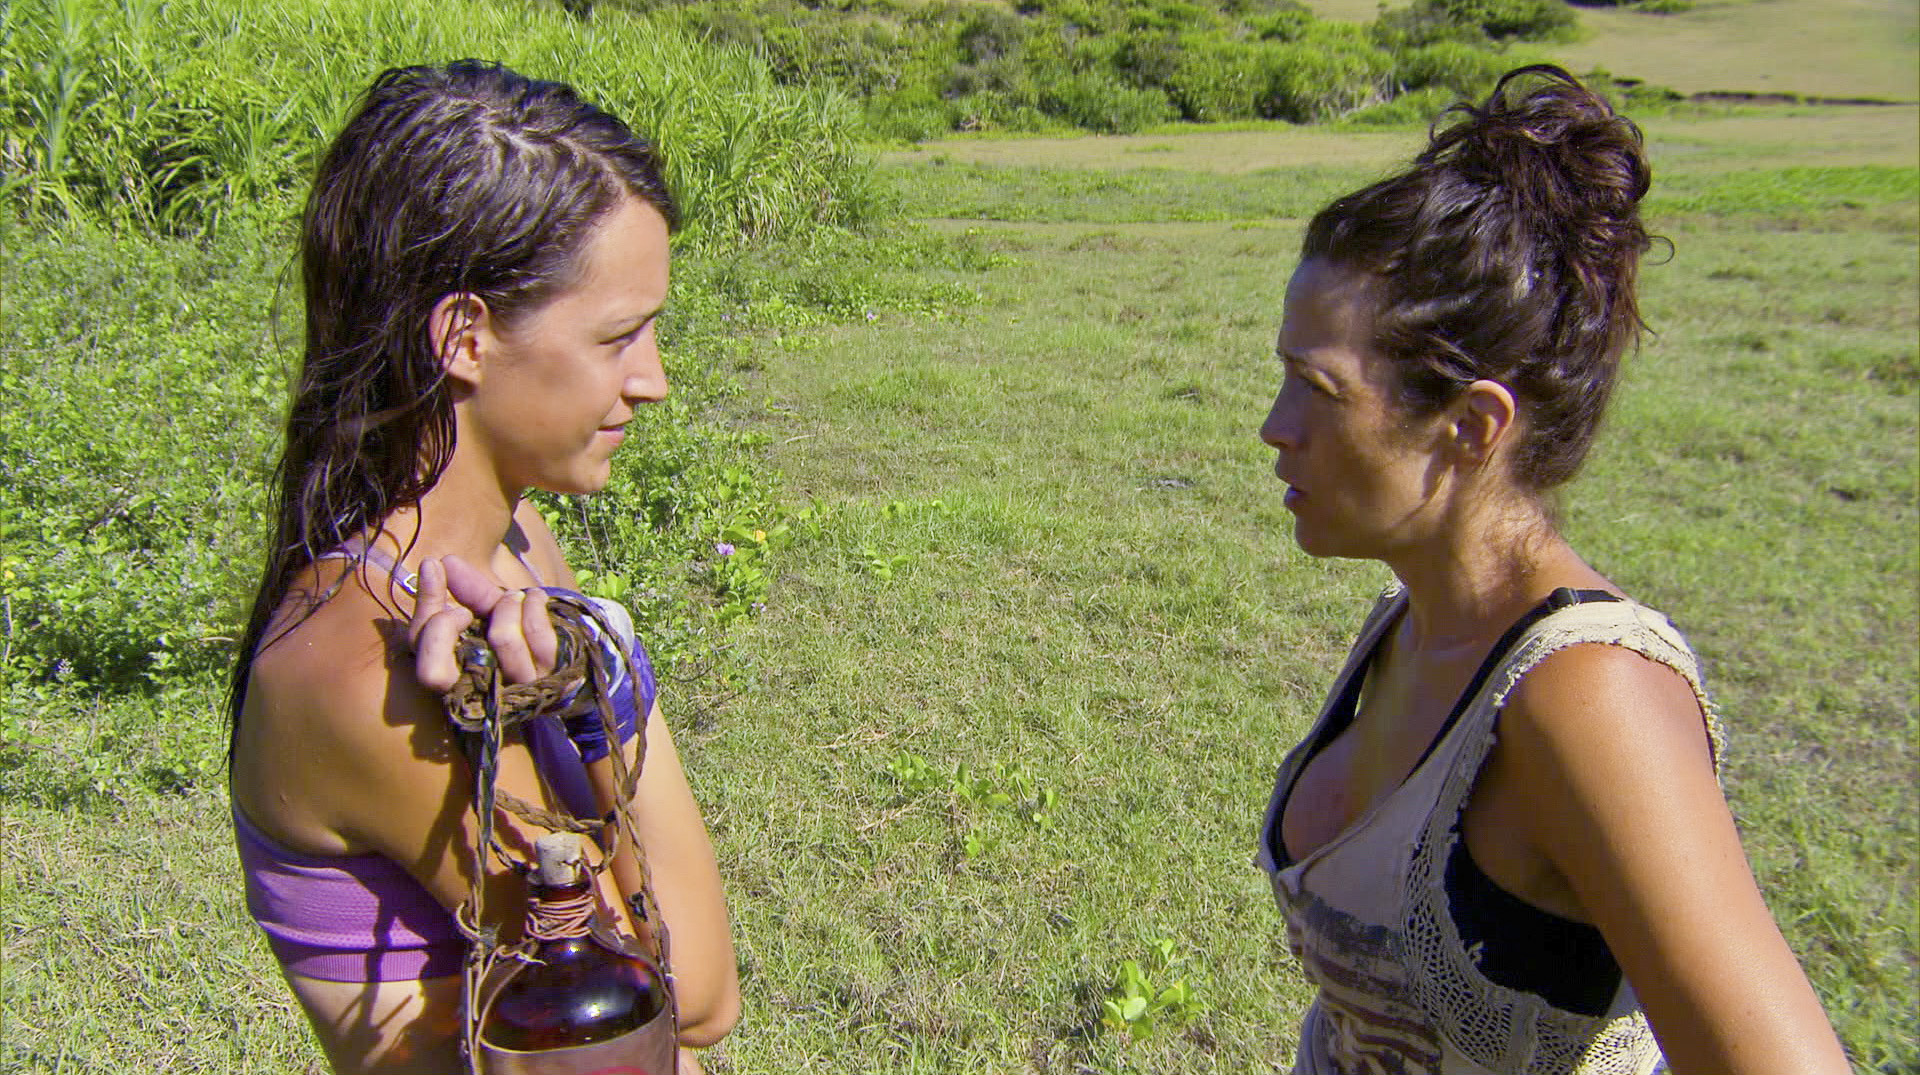 Ciera and Laura in Season 27 Episode 10